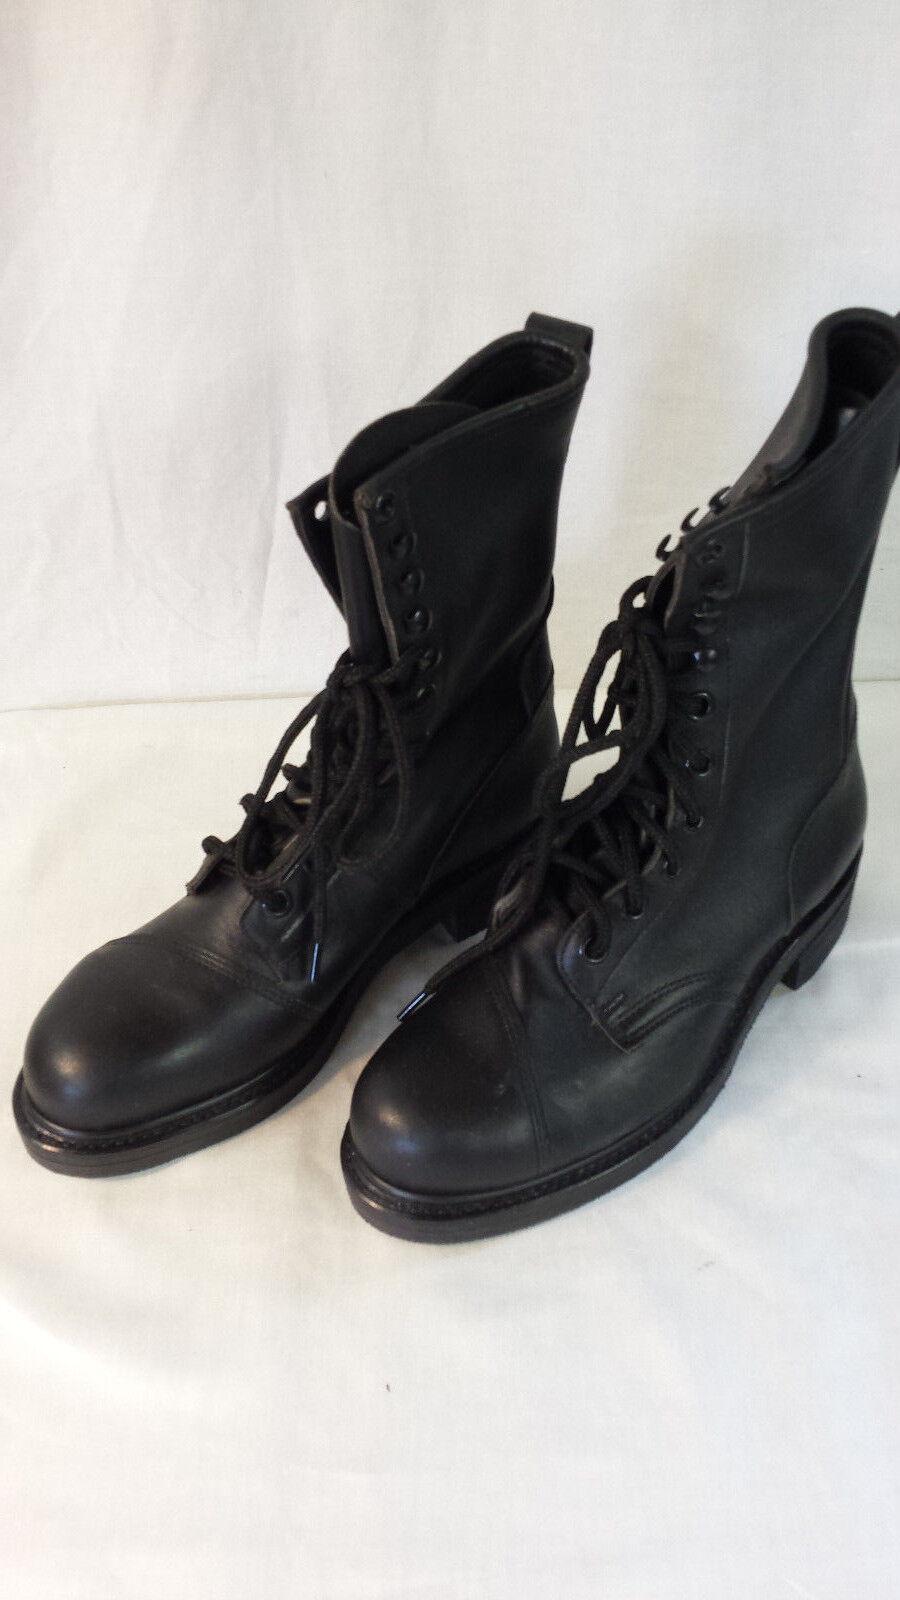 Ansi z41 del 1983 / 75 del z41 nuovo vecchio stock acciaio stivali militari dimensioni 8r Uomo bd4e24